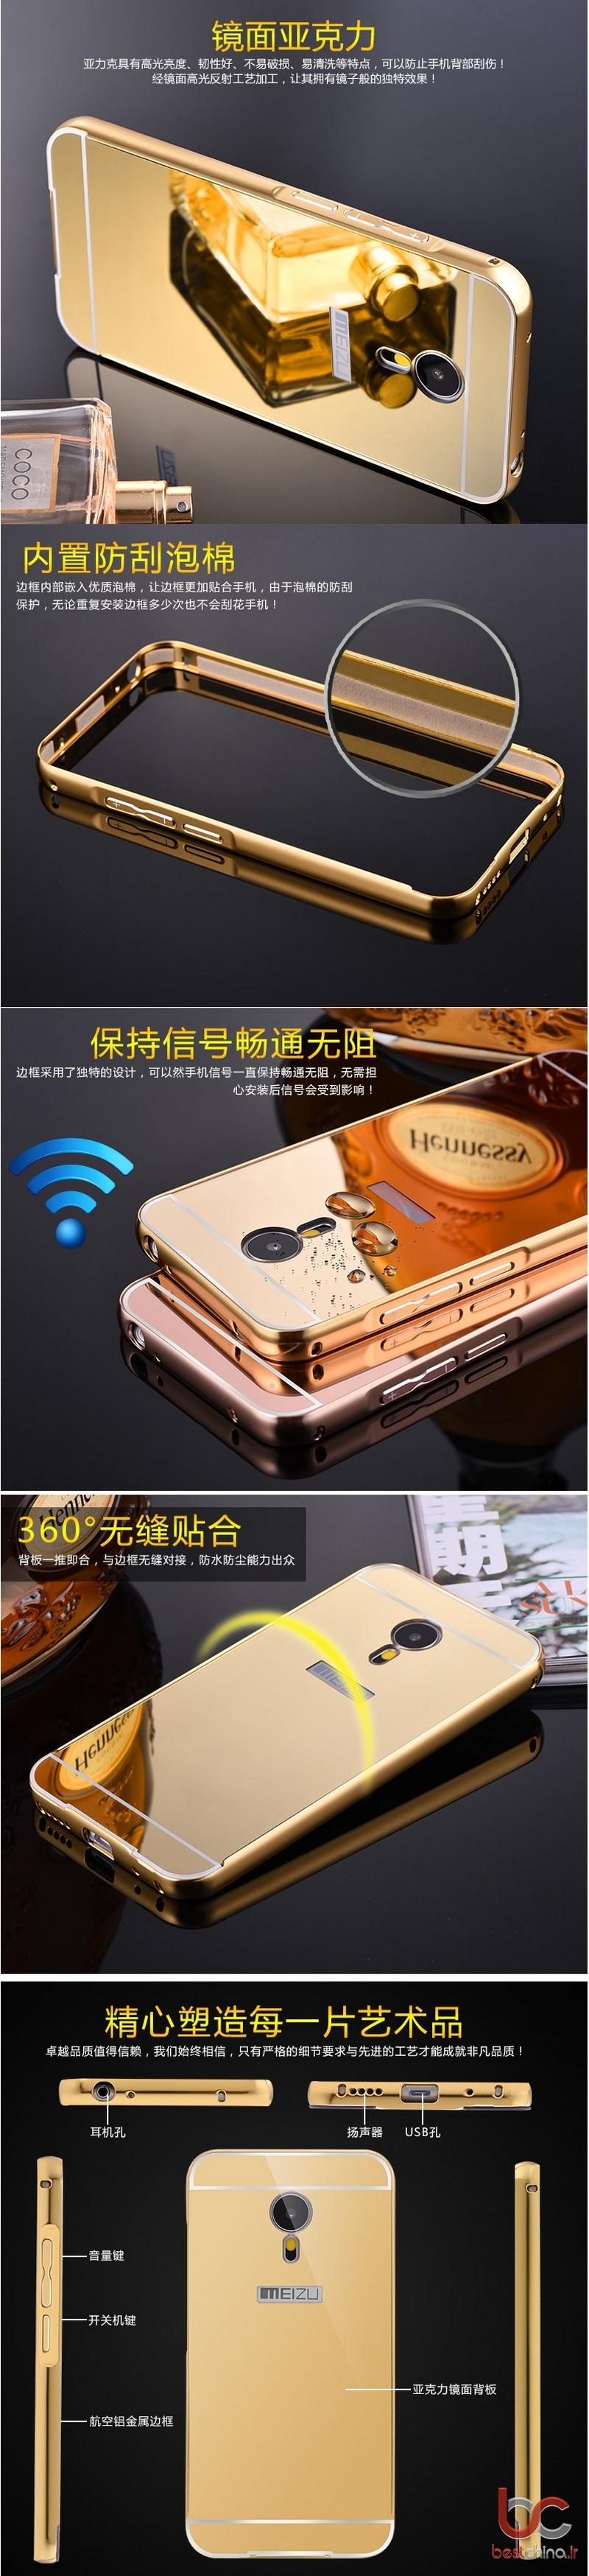 Meizu M3 Note Aluminium Back Cover (3)